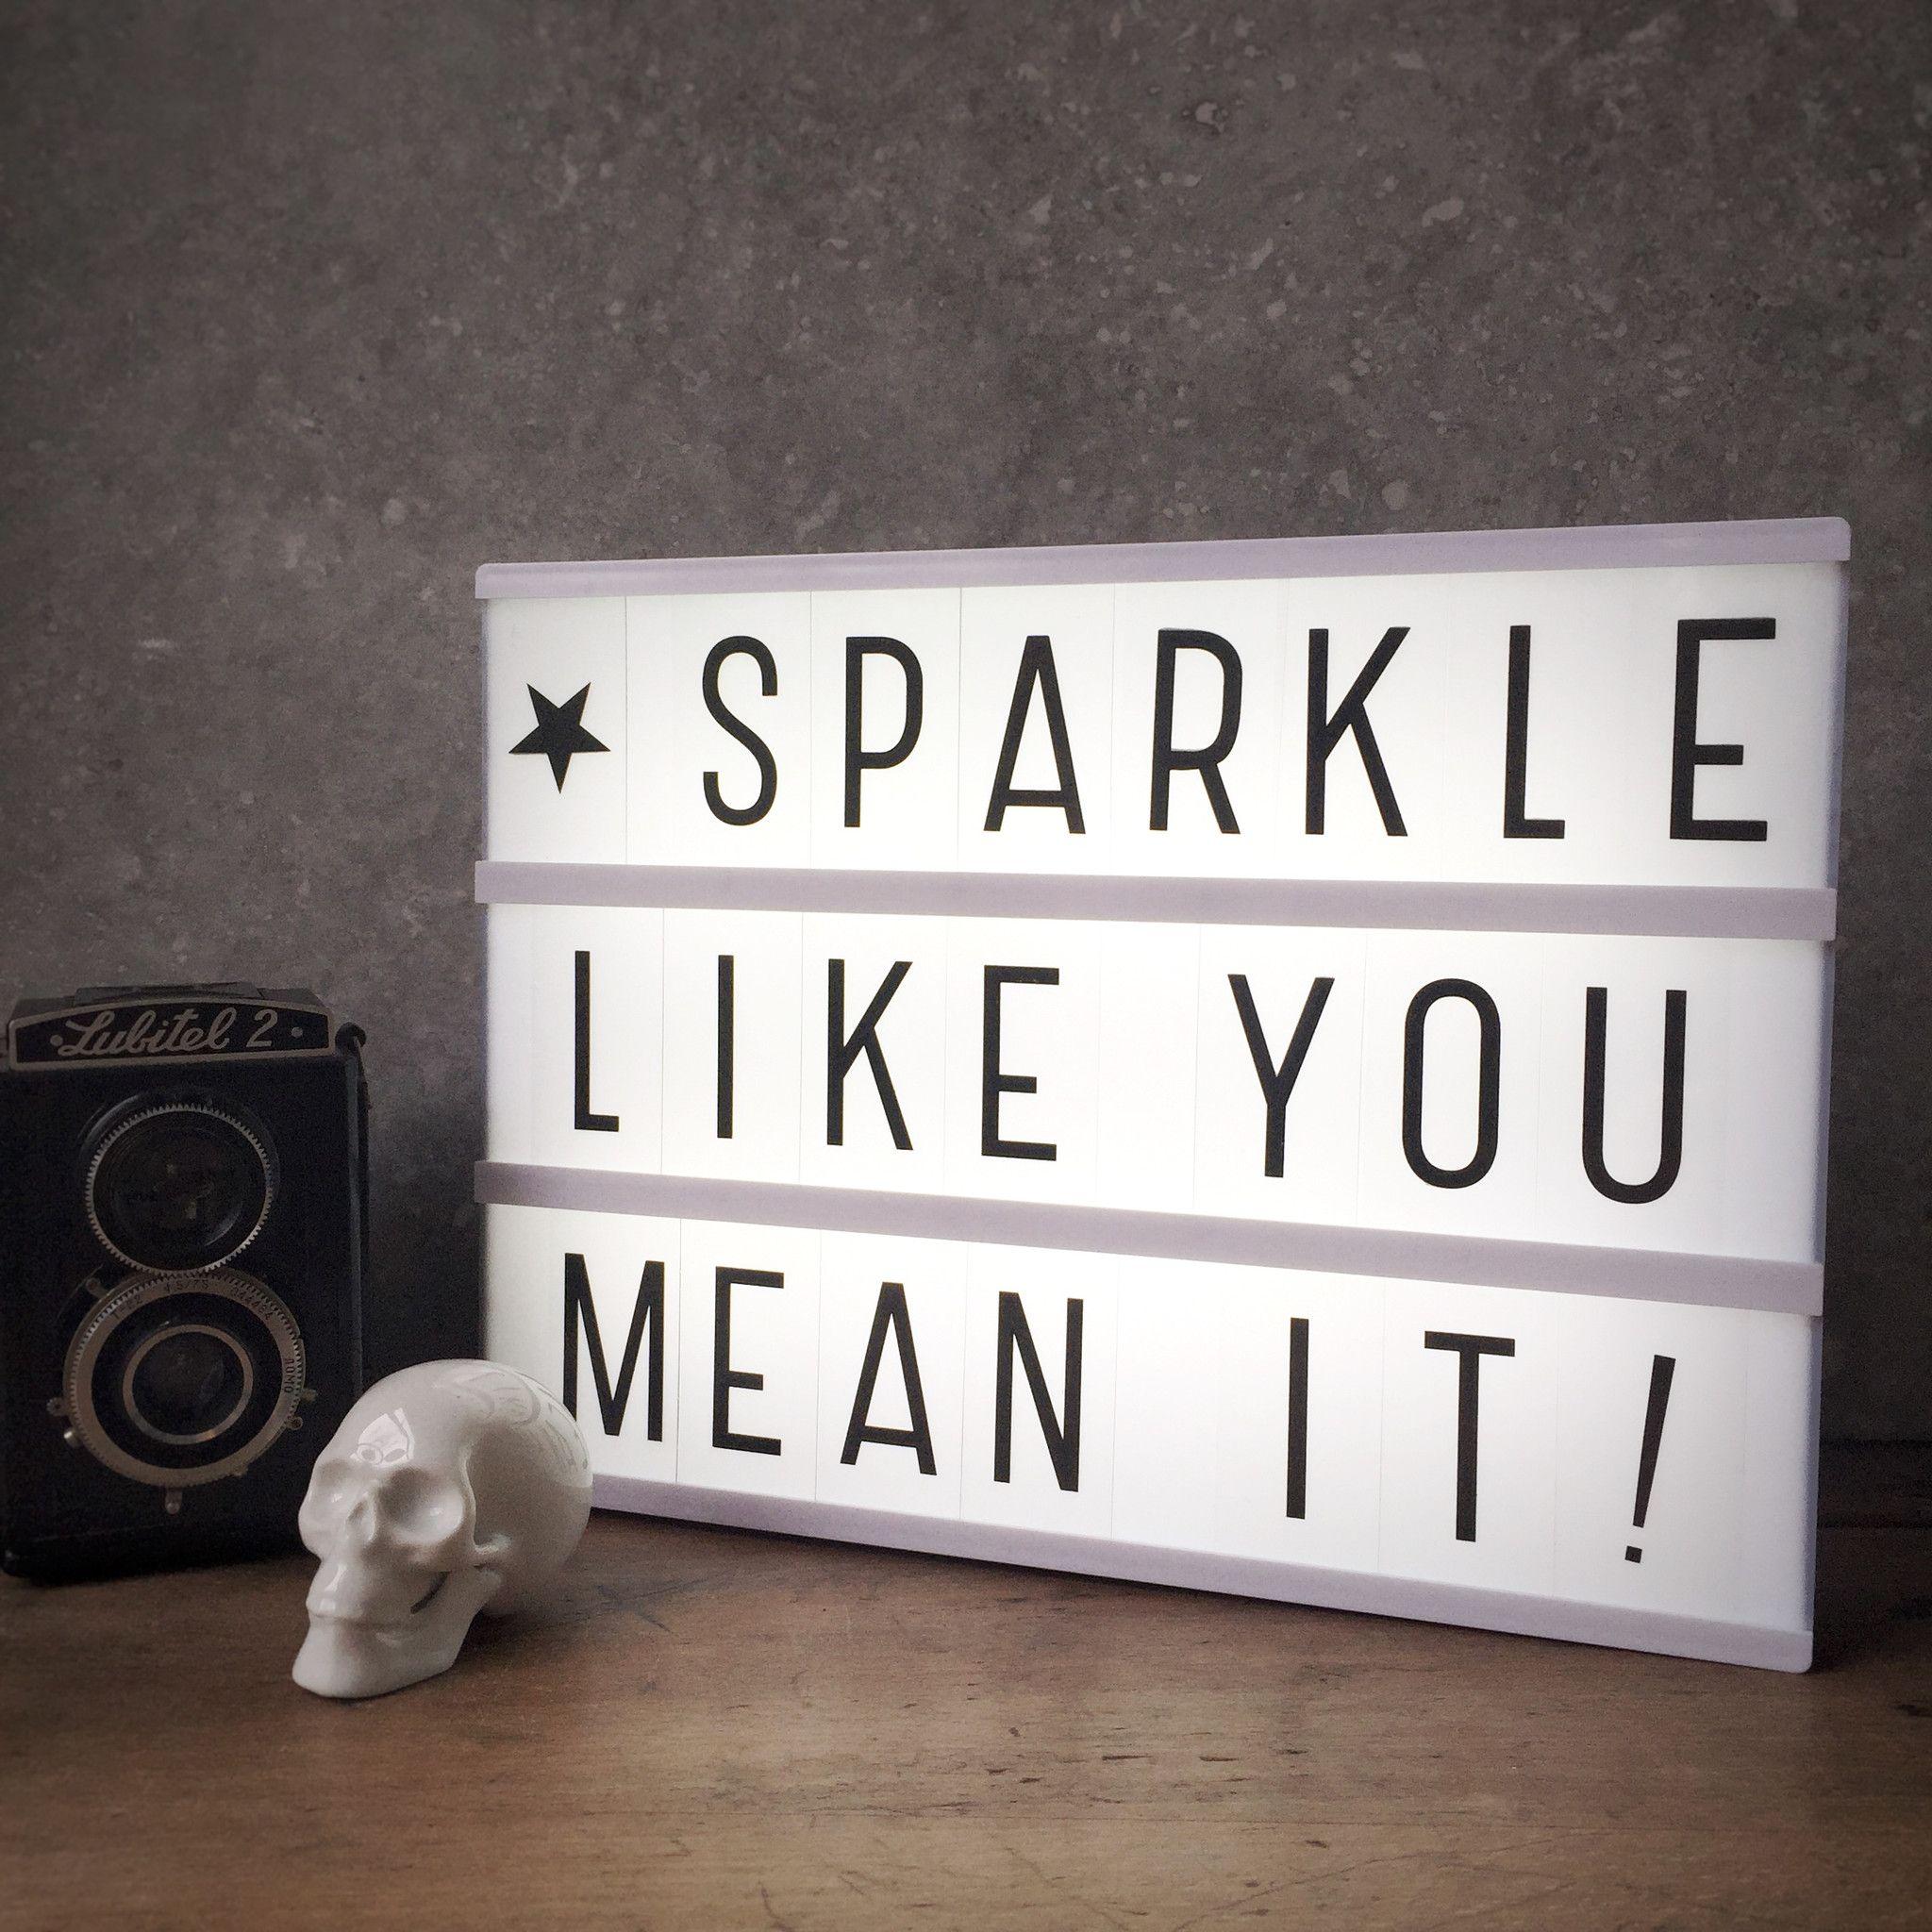 les 25 meilleures id es de la cat gorie citations lightbox sur pinterest caisson lumineux. Black Bedroom Furniture Sets. Home Design Ideas